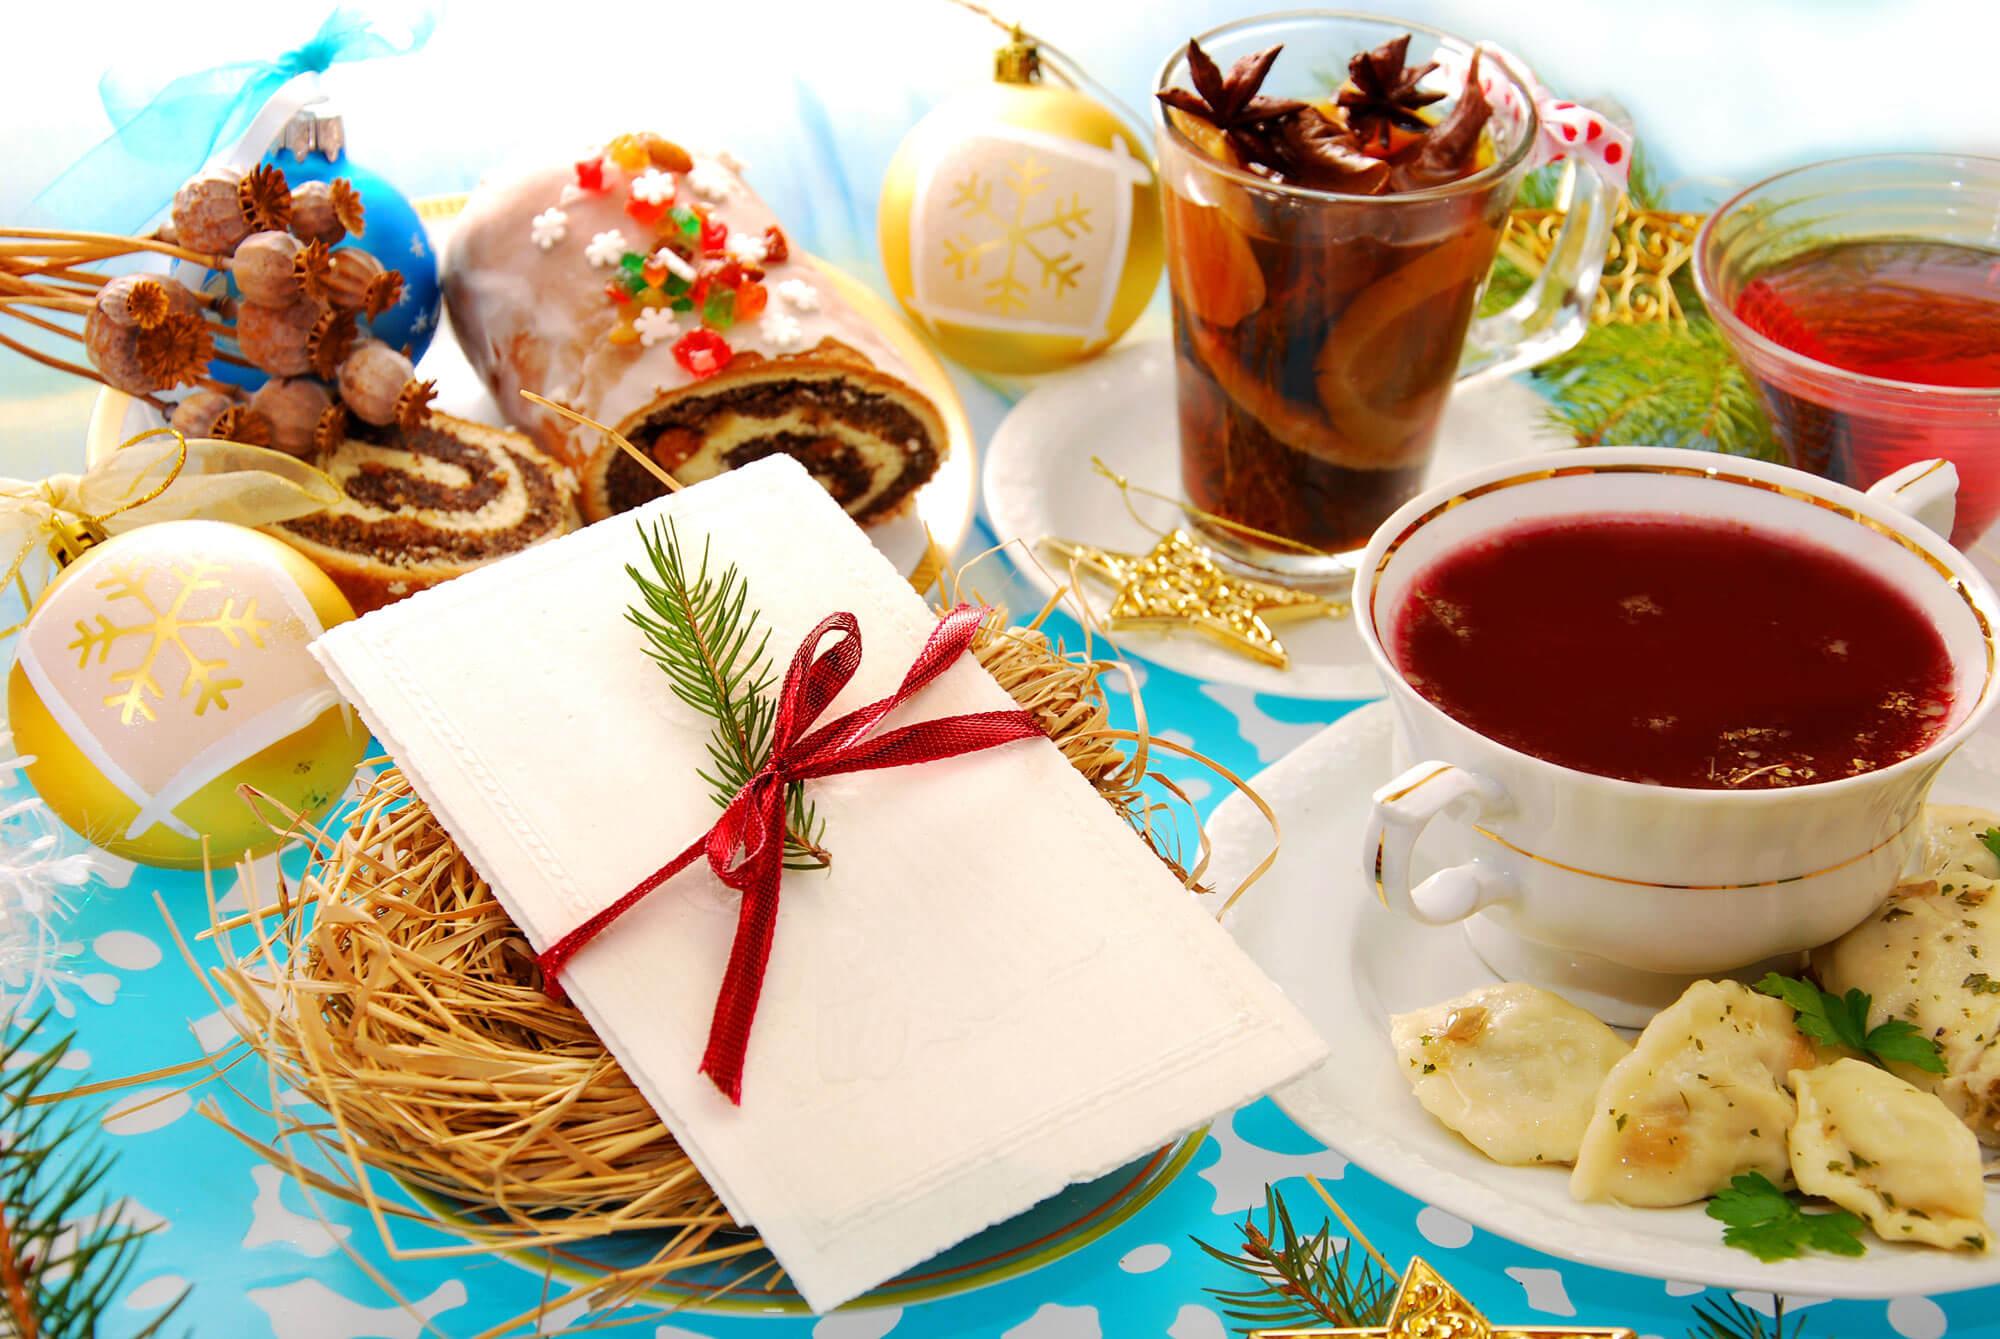 Bożego Narodzenia Eurofirany